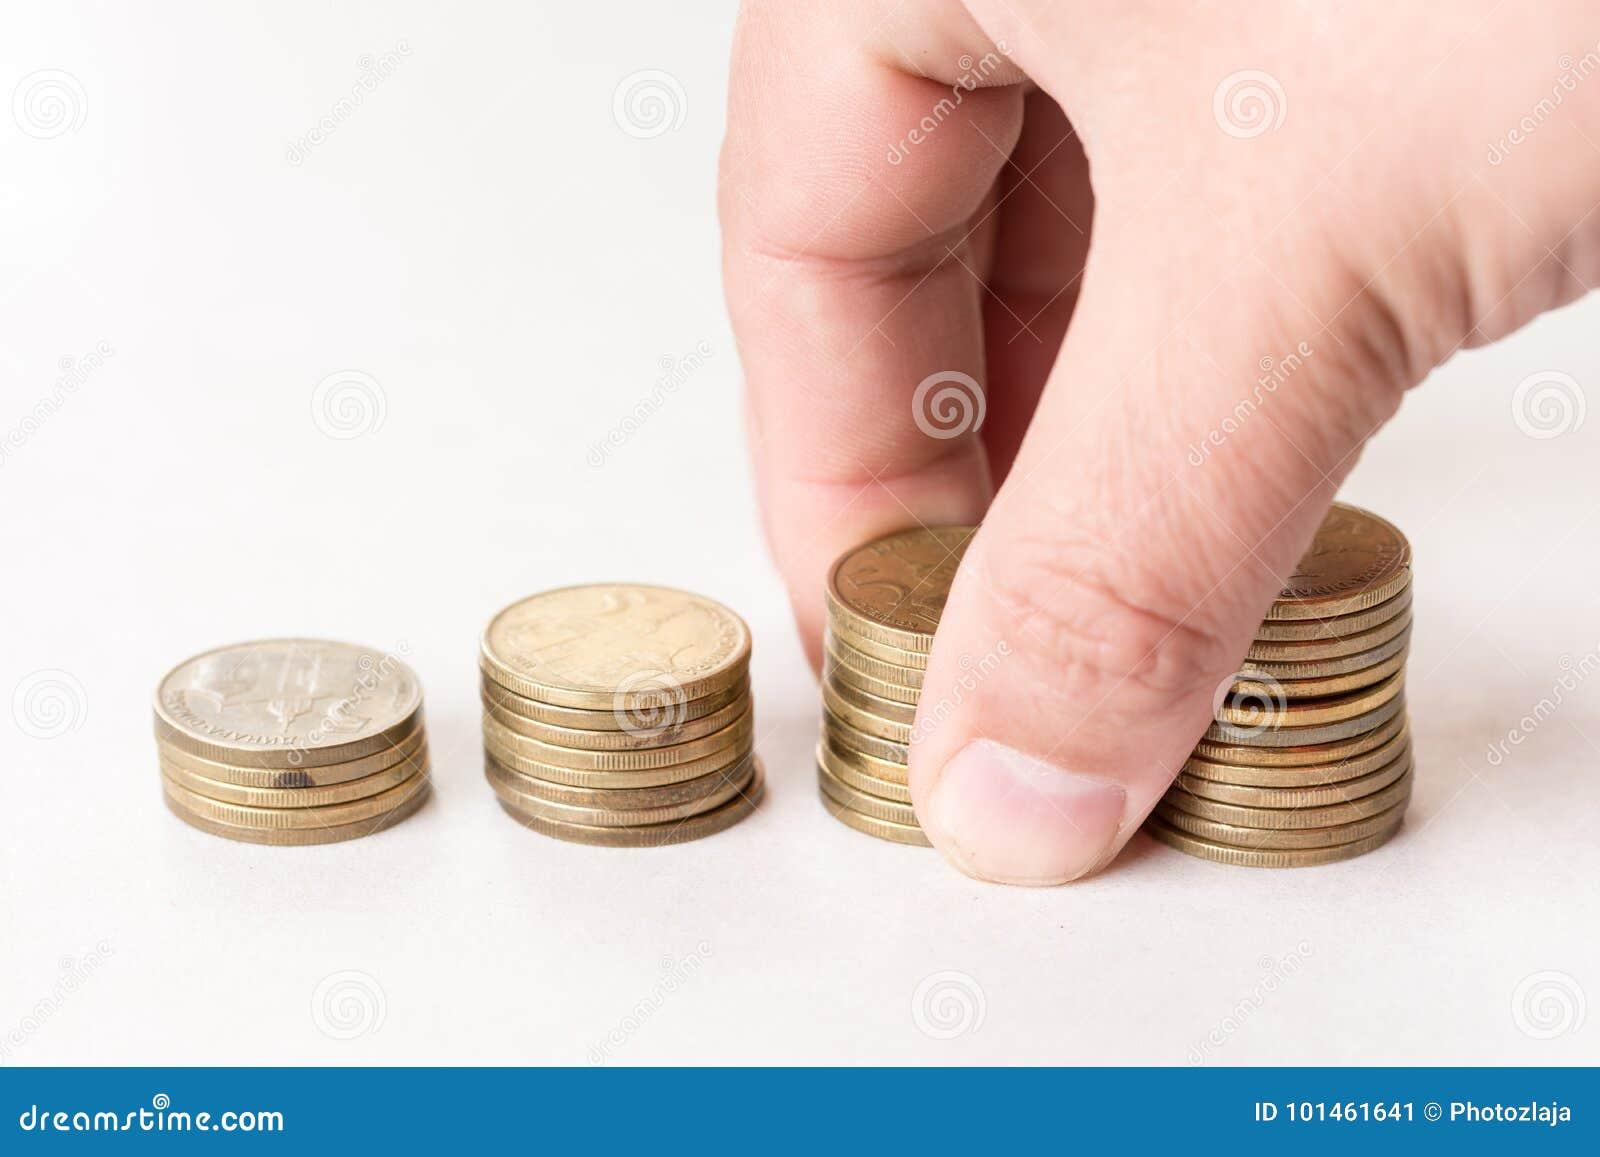 Stapels van metaalmuntstukken boven witte achtergrond en handholdingsstapel van muntstukken